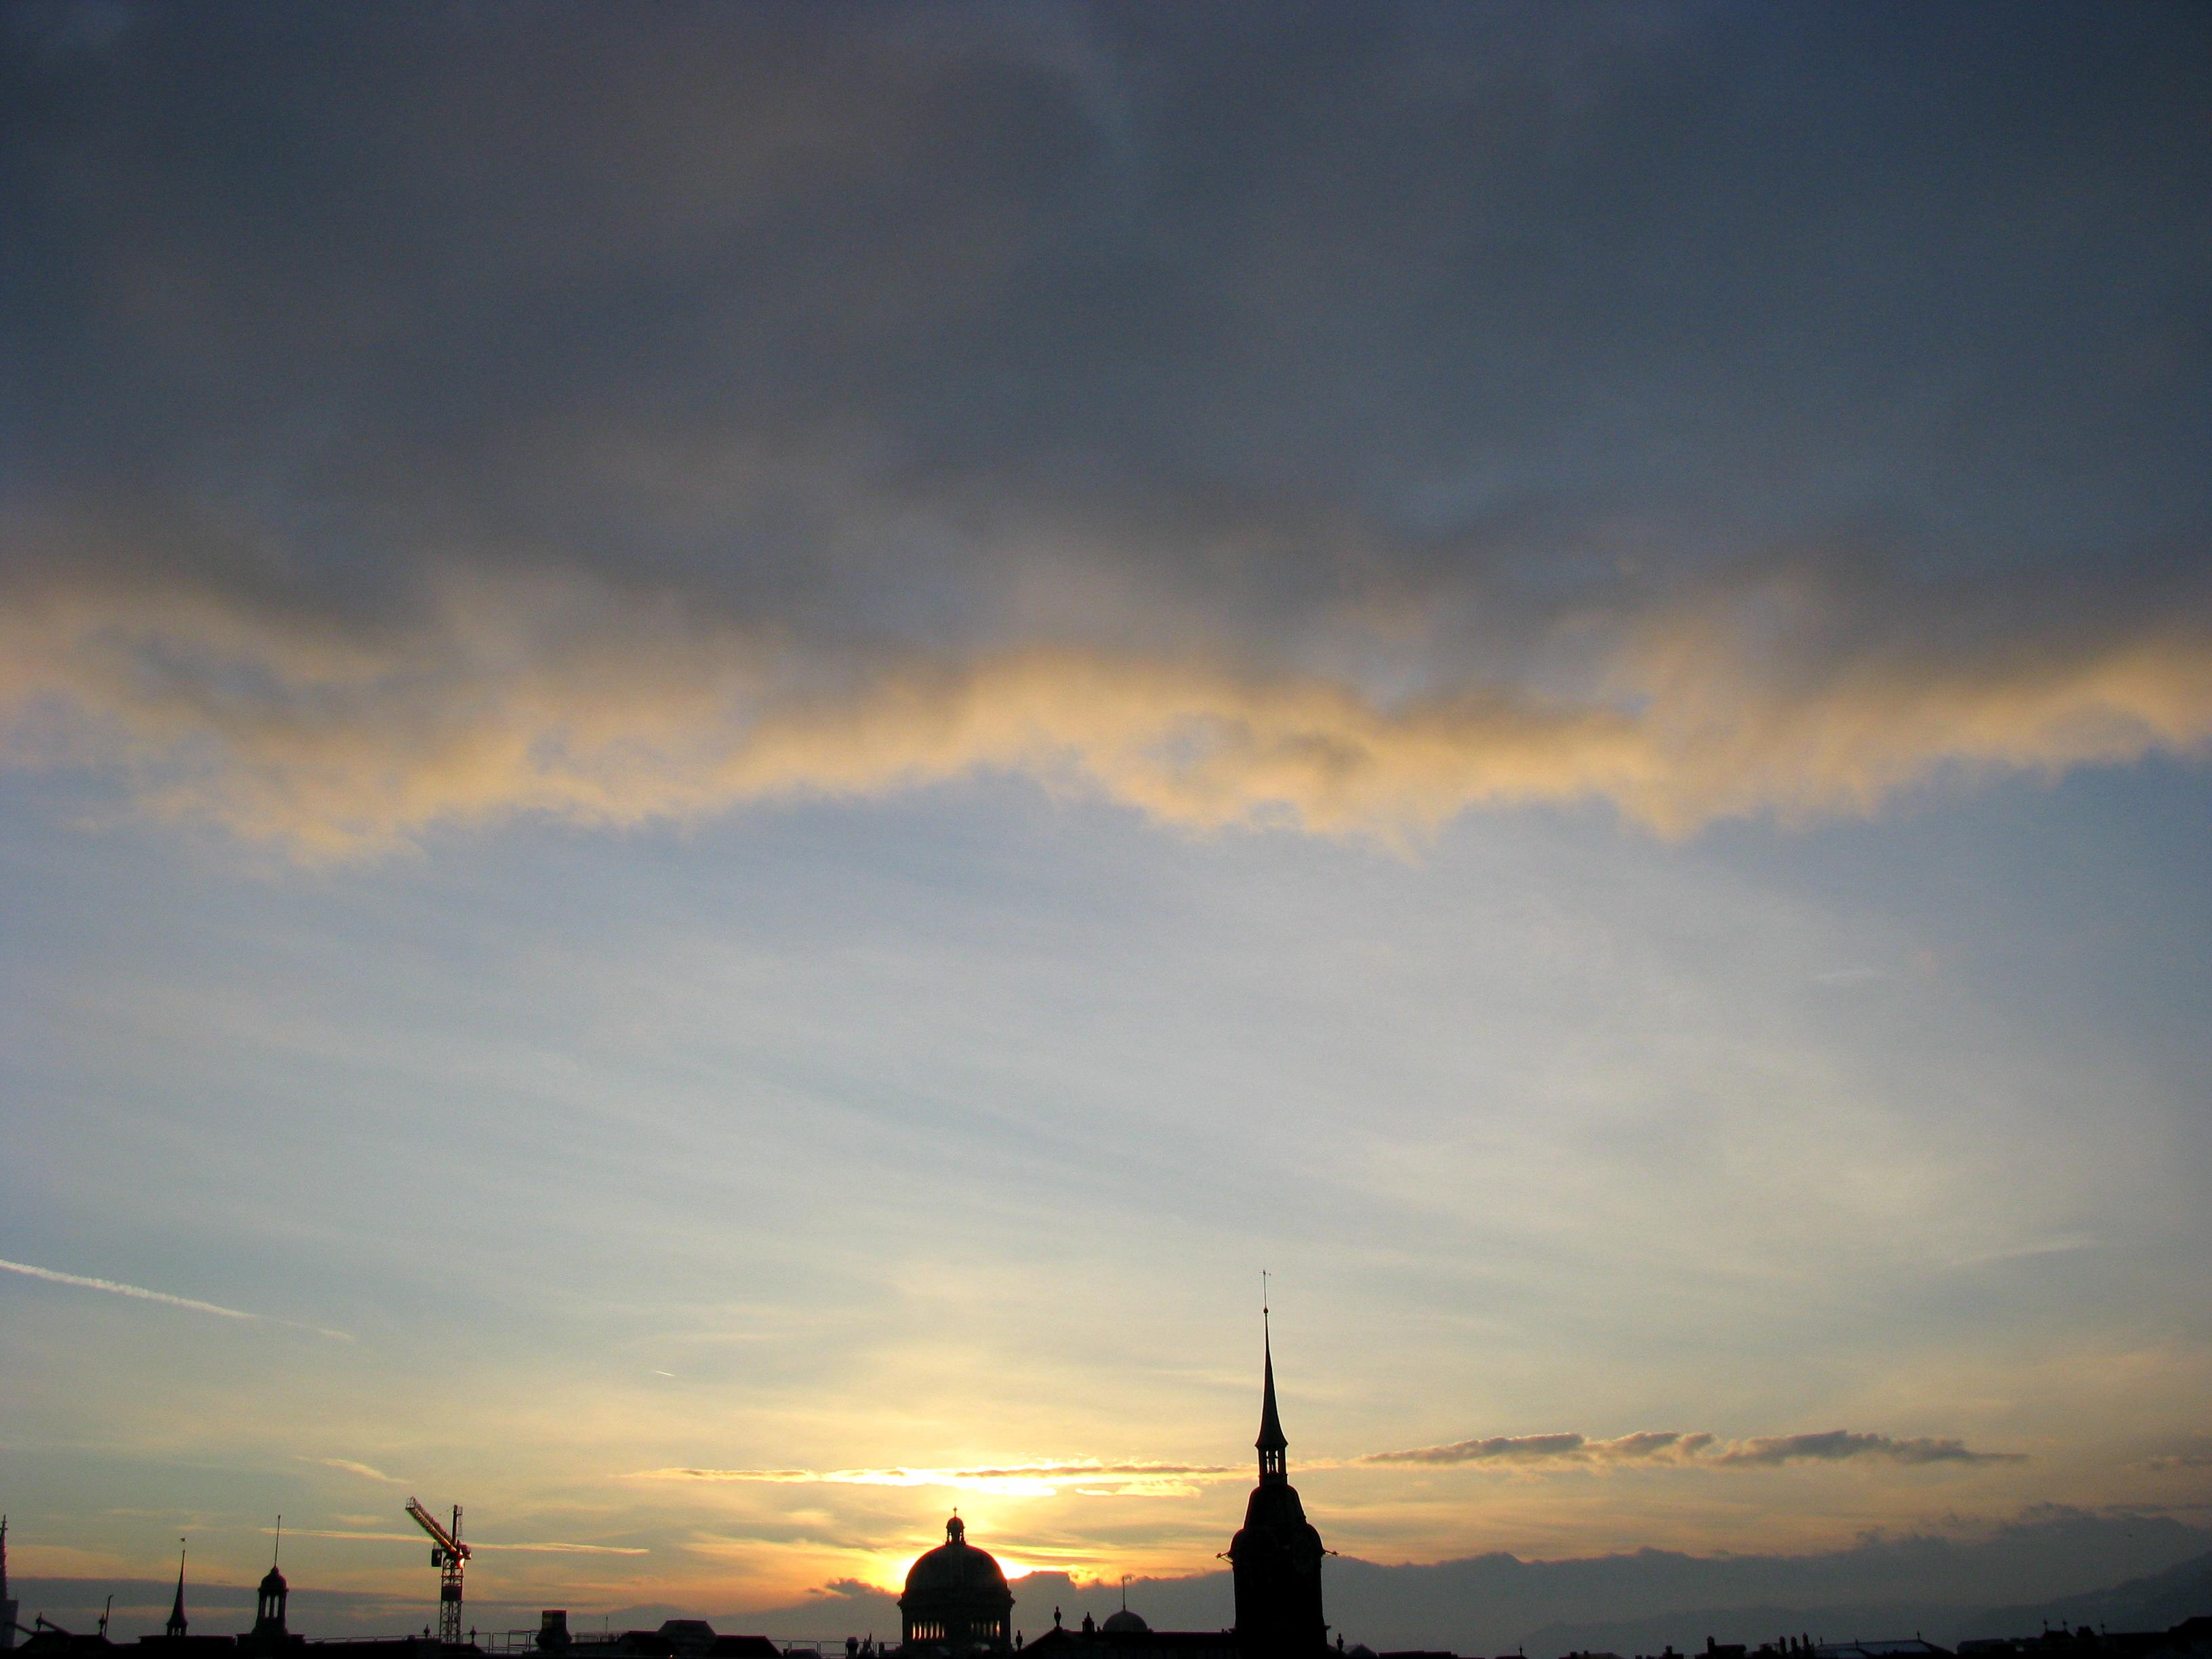 sonnenaufgang samstag